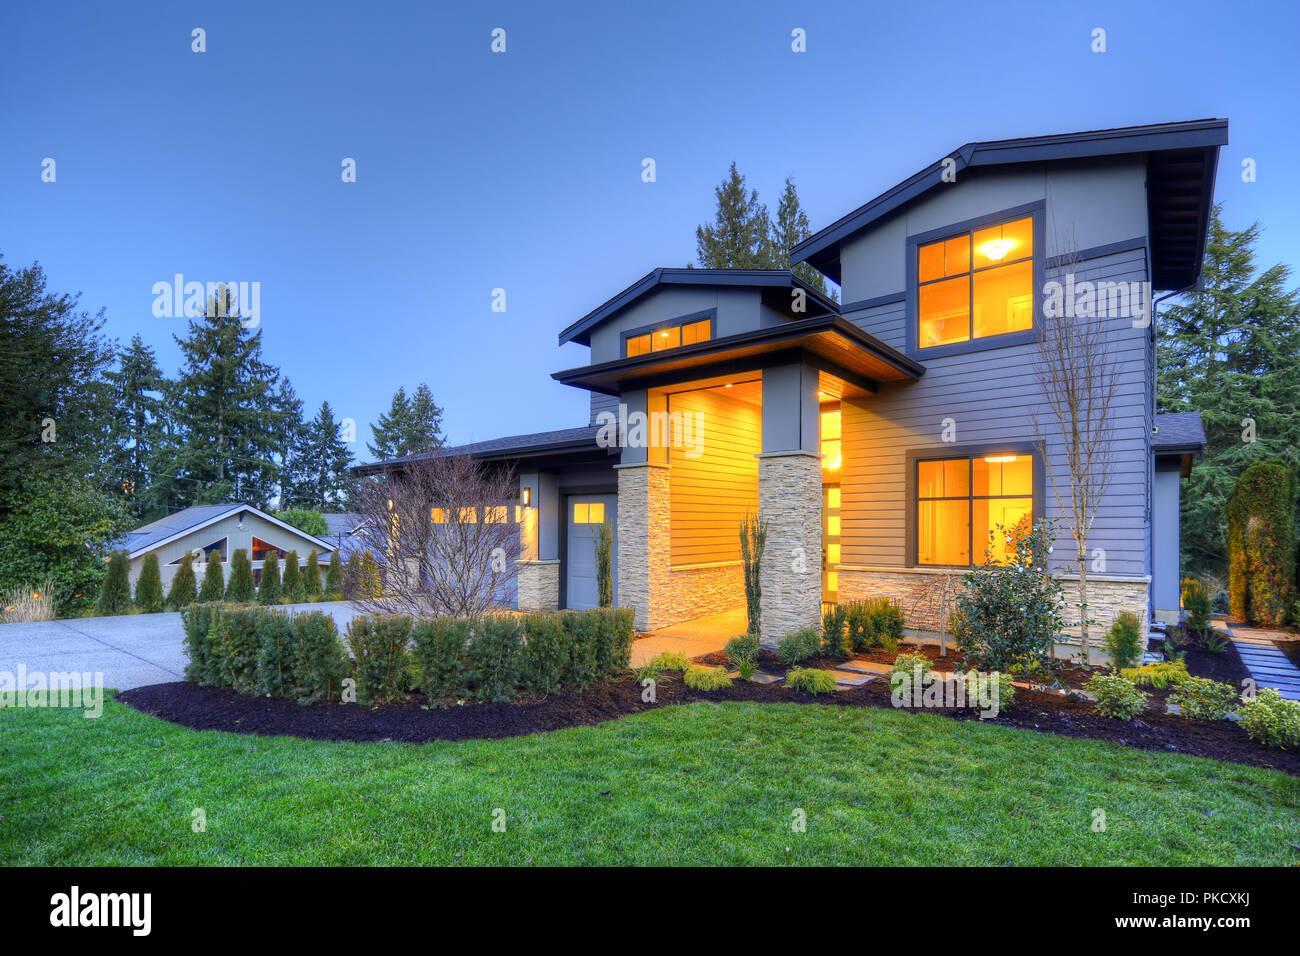 Lujosa casa interior en Bellevue, WA Imagen De Stock